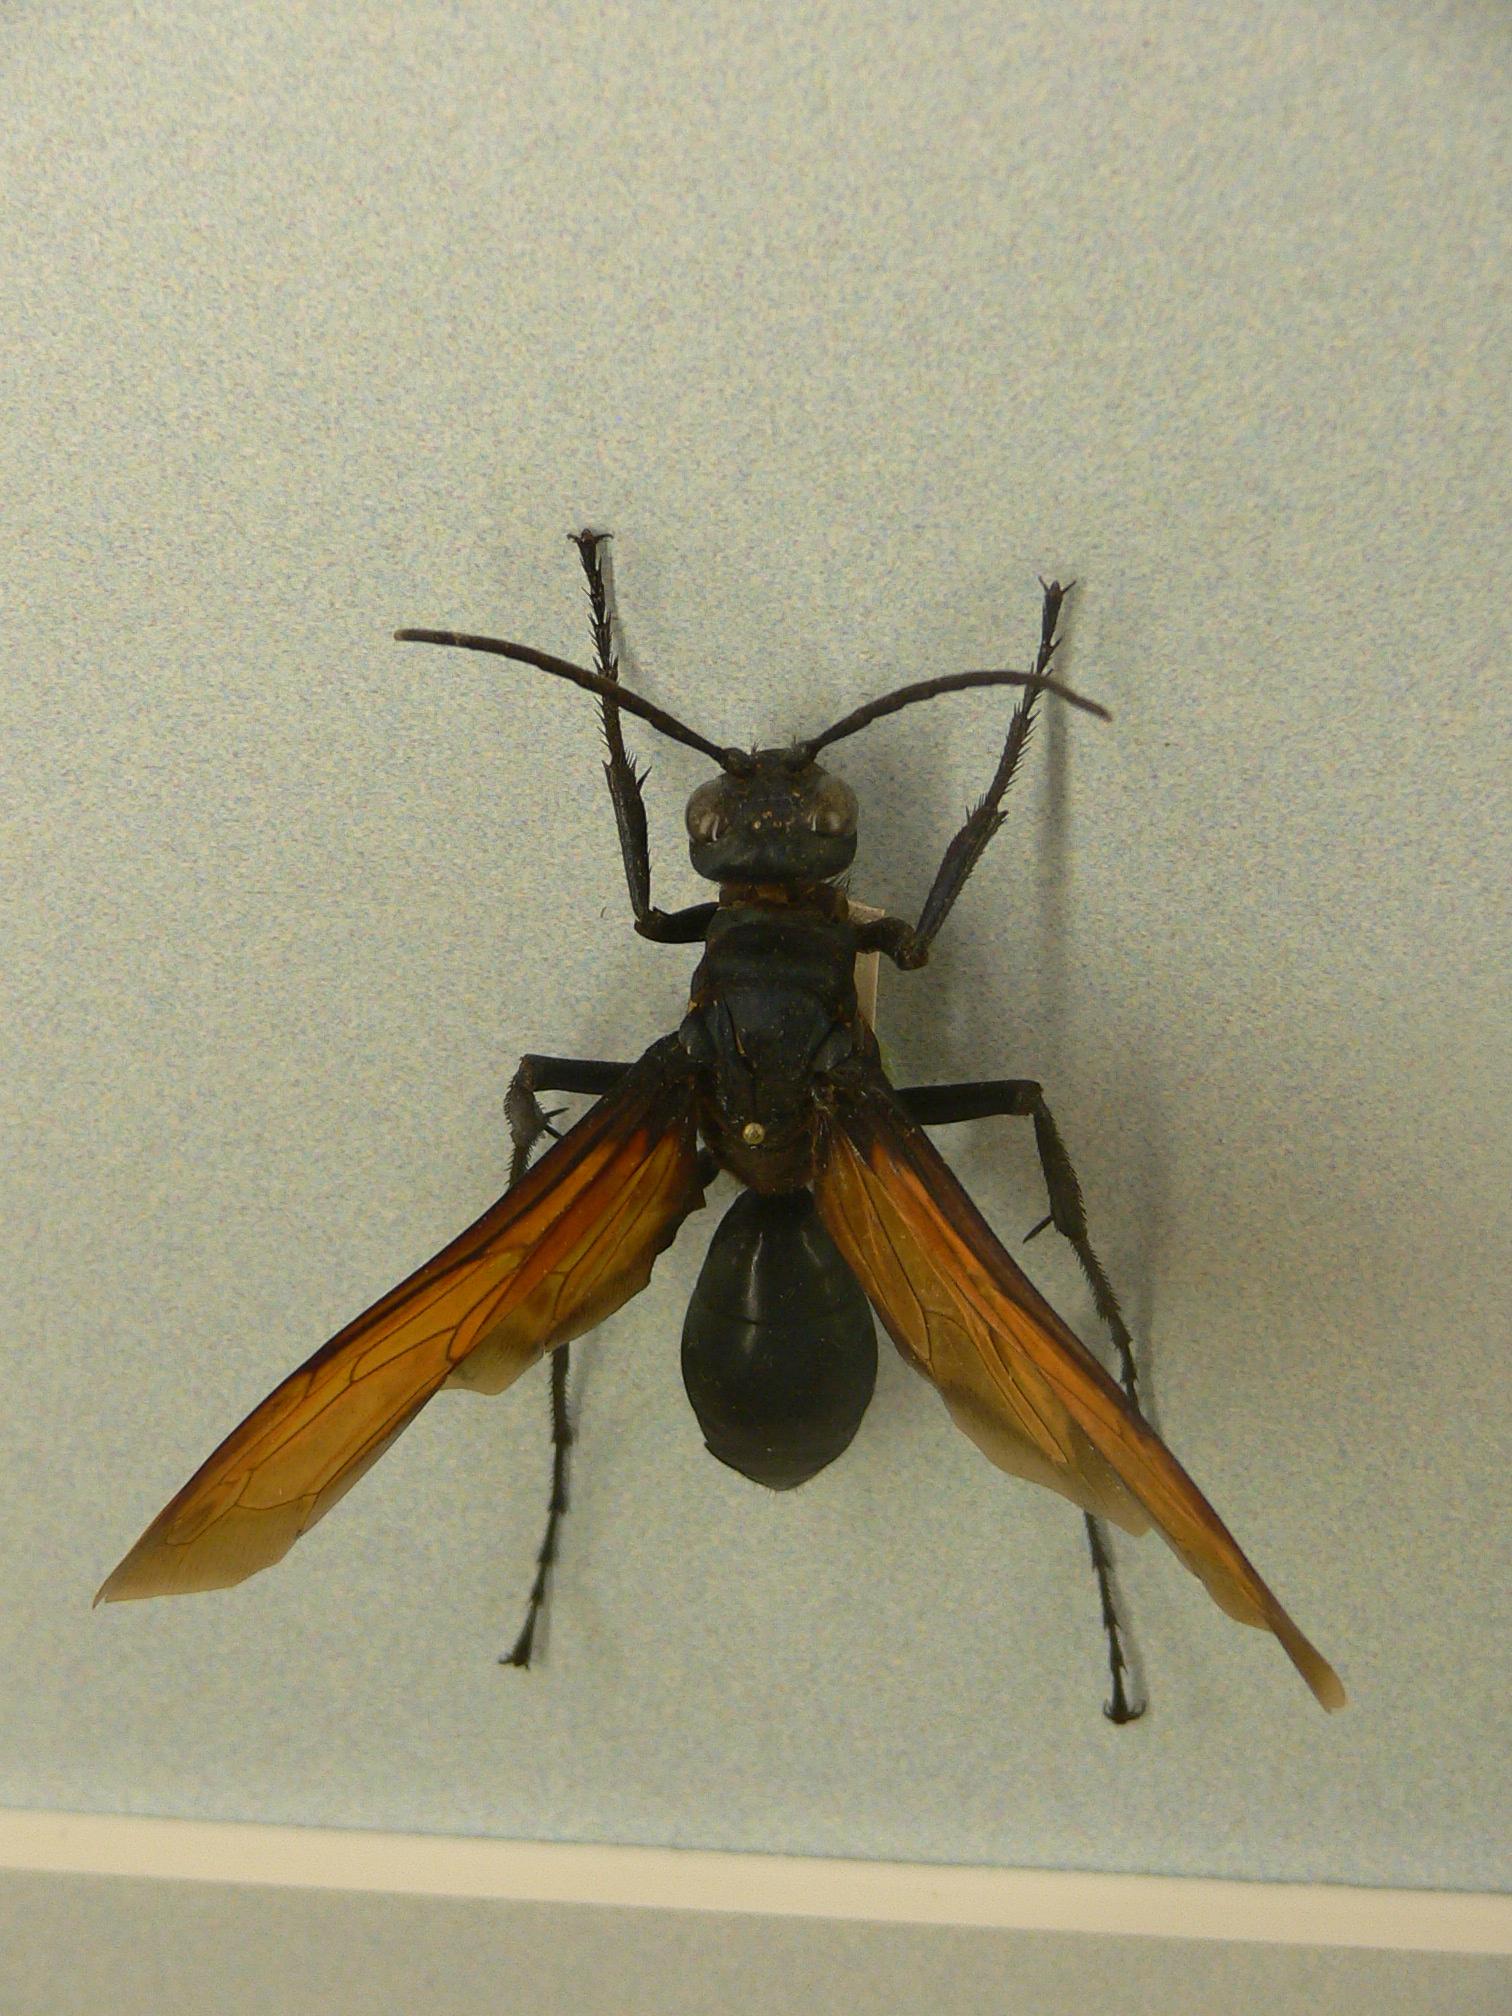 ベッコウバチ オオ ワイルドすぎ!世界最大のハチに自分の腕を刺させる男